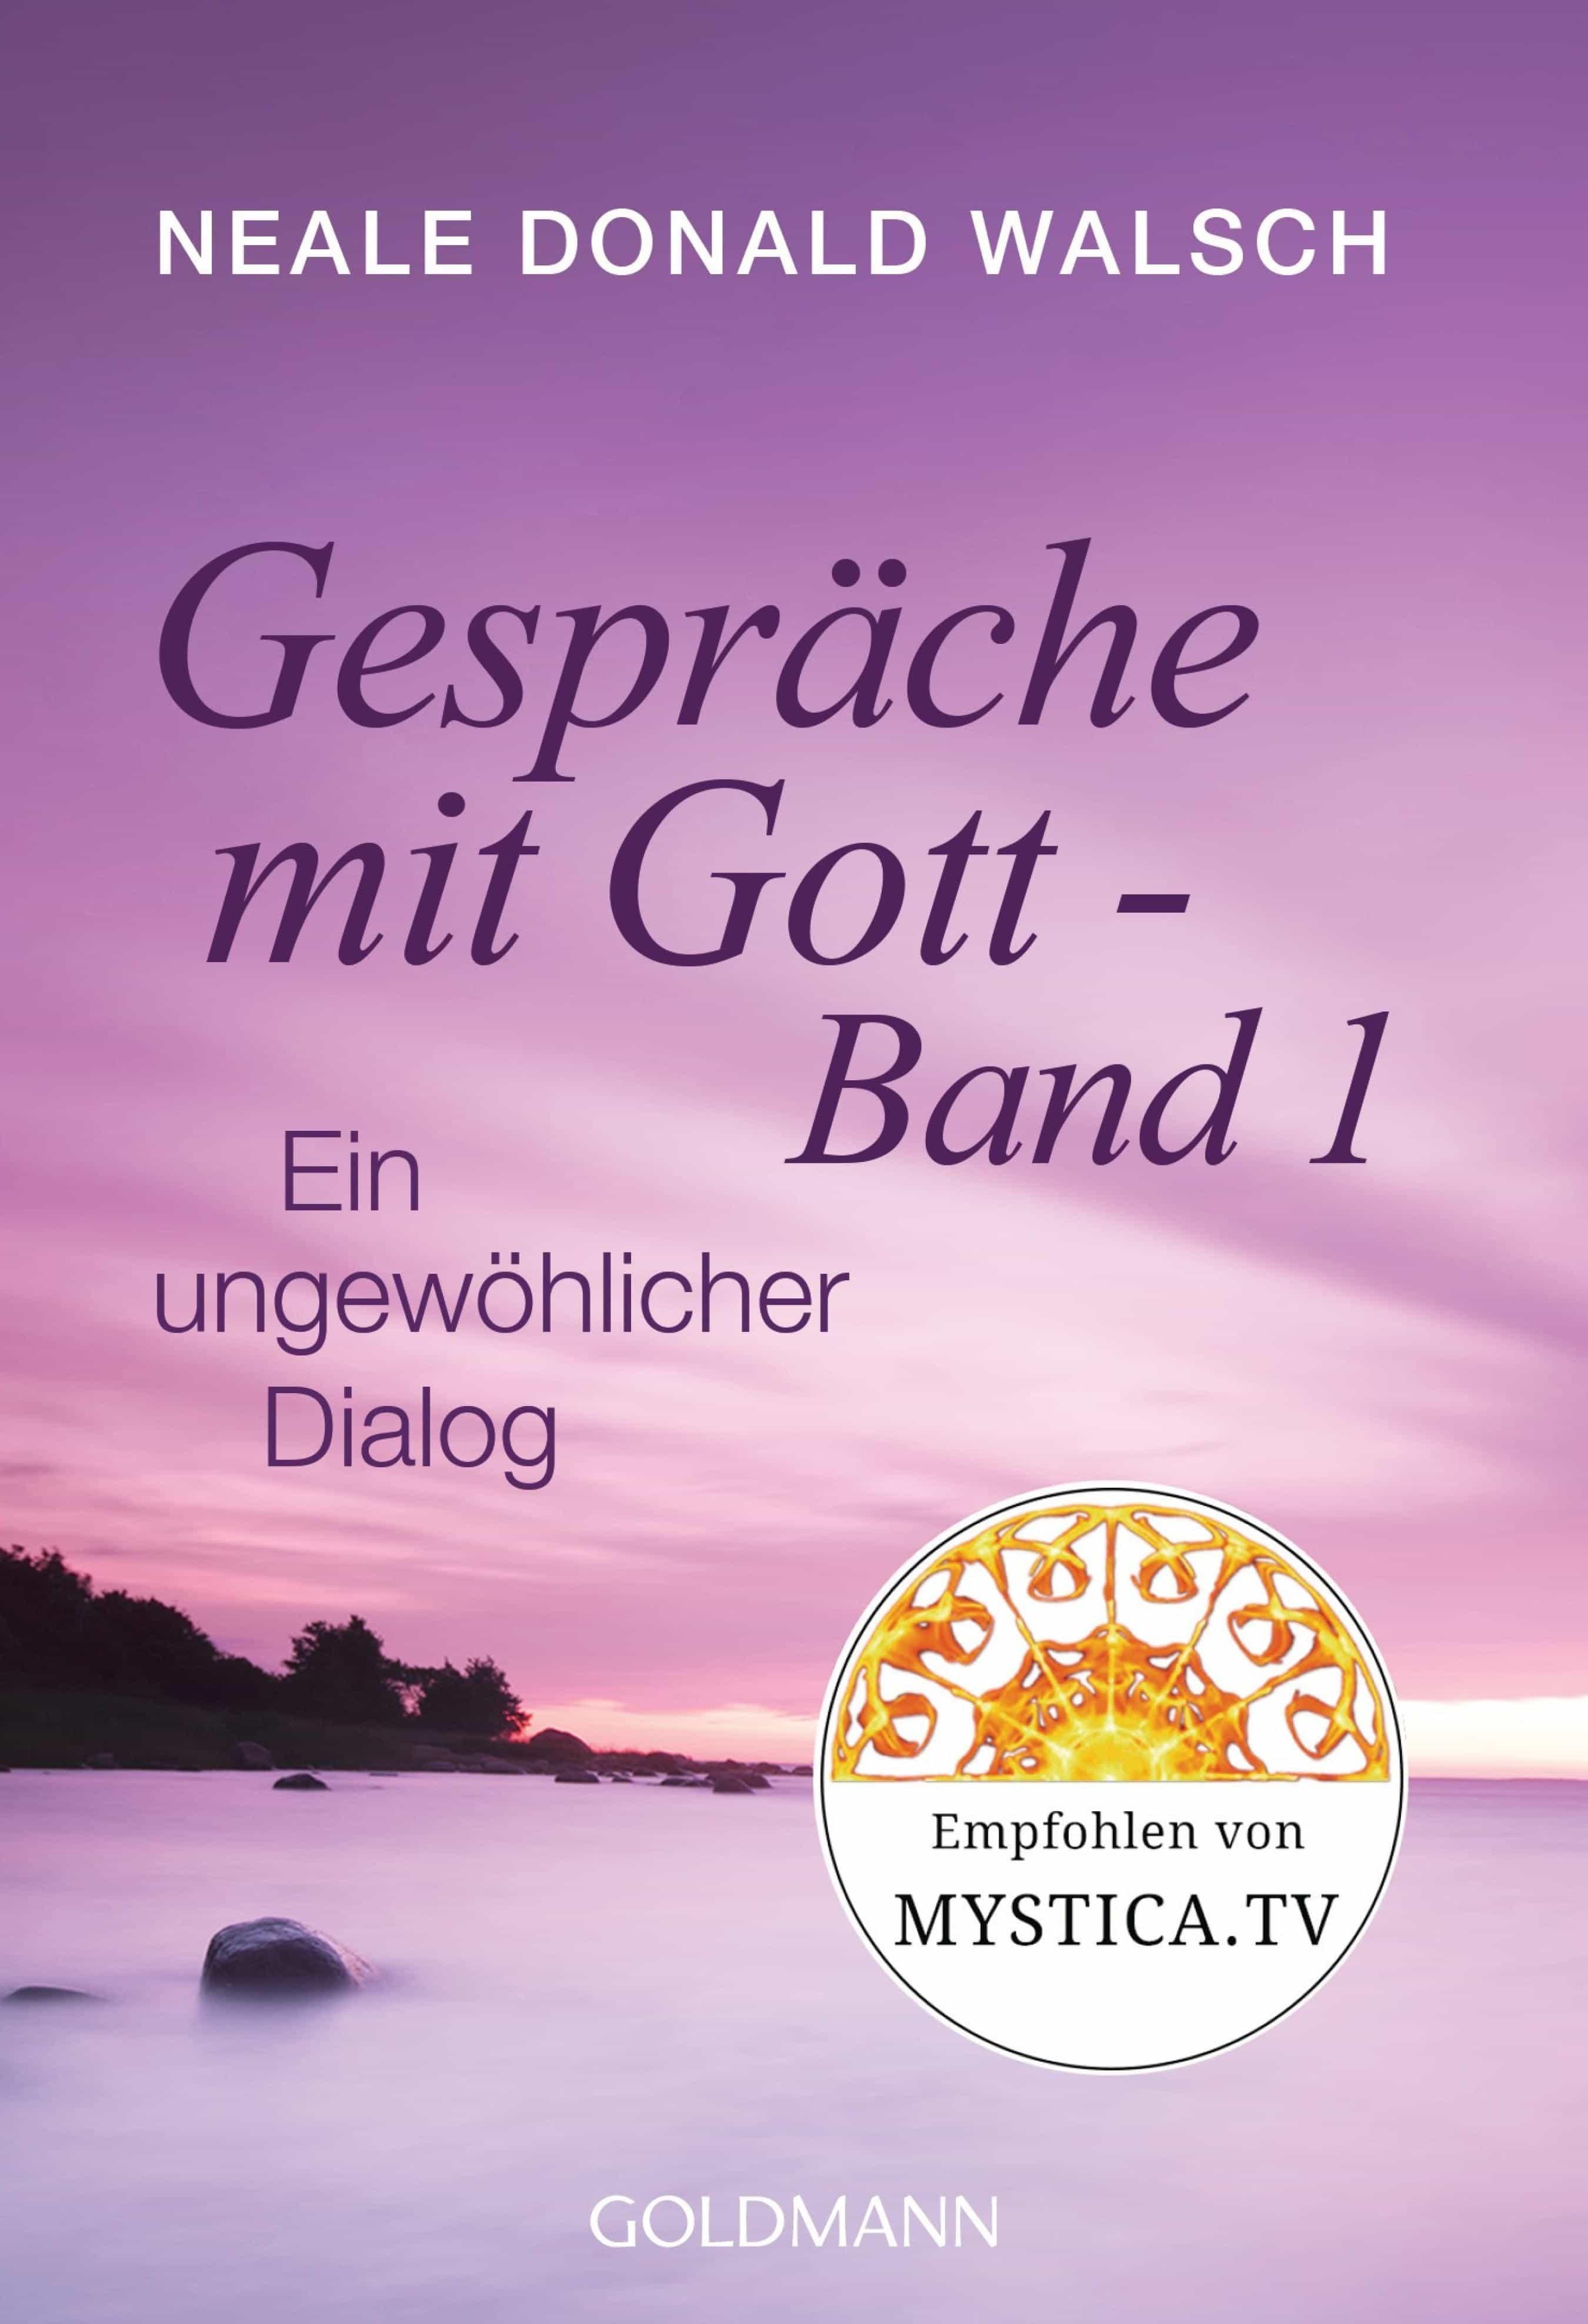 Gespr�che Mit Gott  Band 1 (ebook)9783641132897